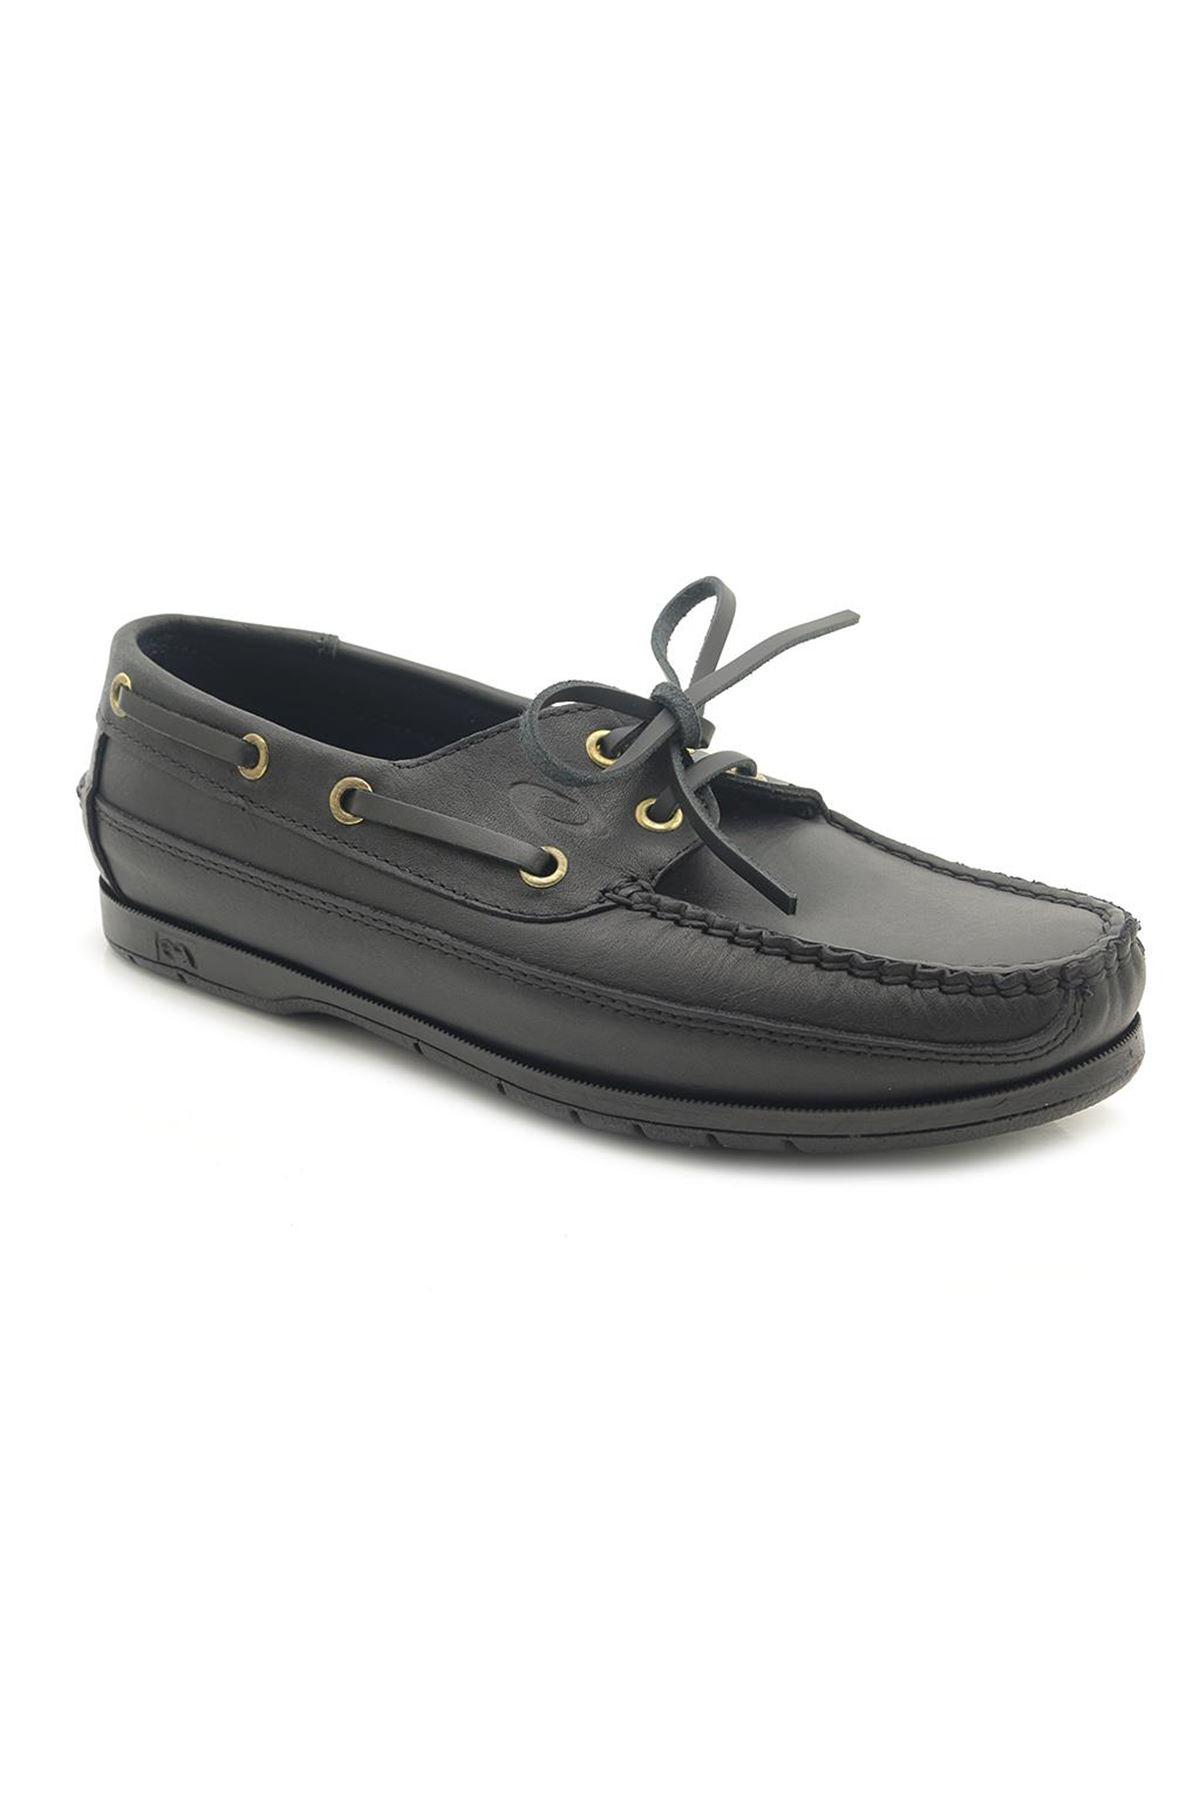 Özel Üretim Can Fletti 38-39 Küçük Numara Erkek Ayakkabı